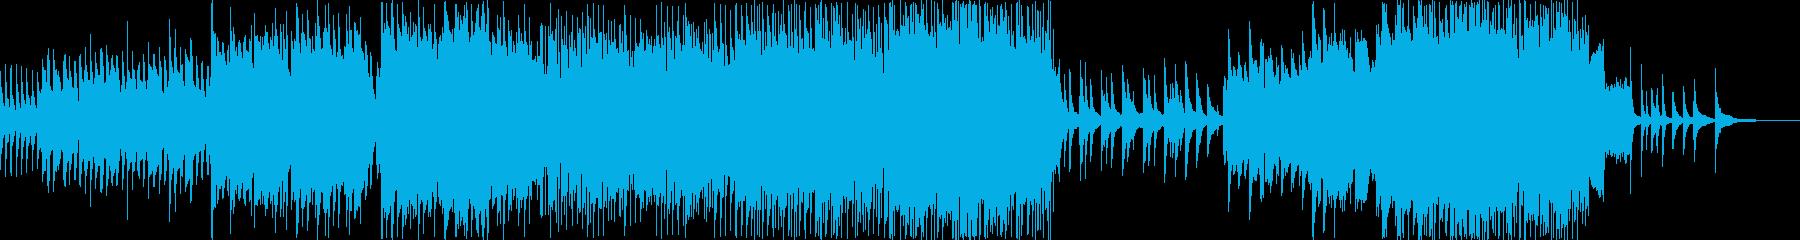 麗しいフルートが心にしみるピアノバラードの再生済みの波形